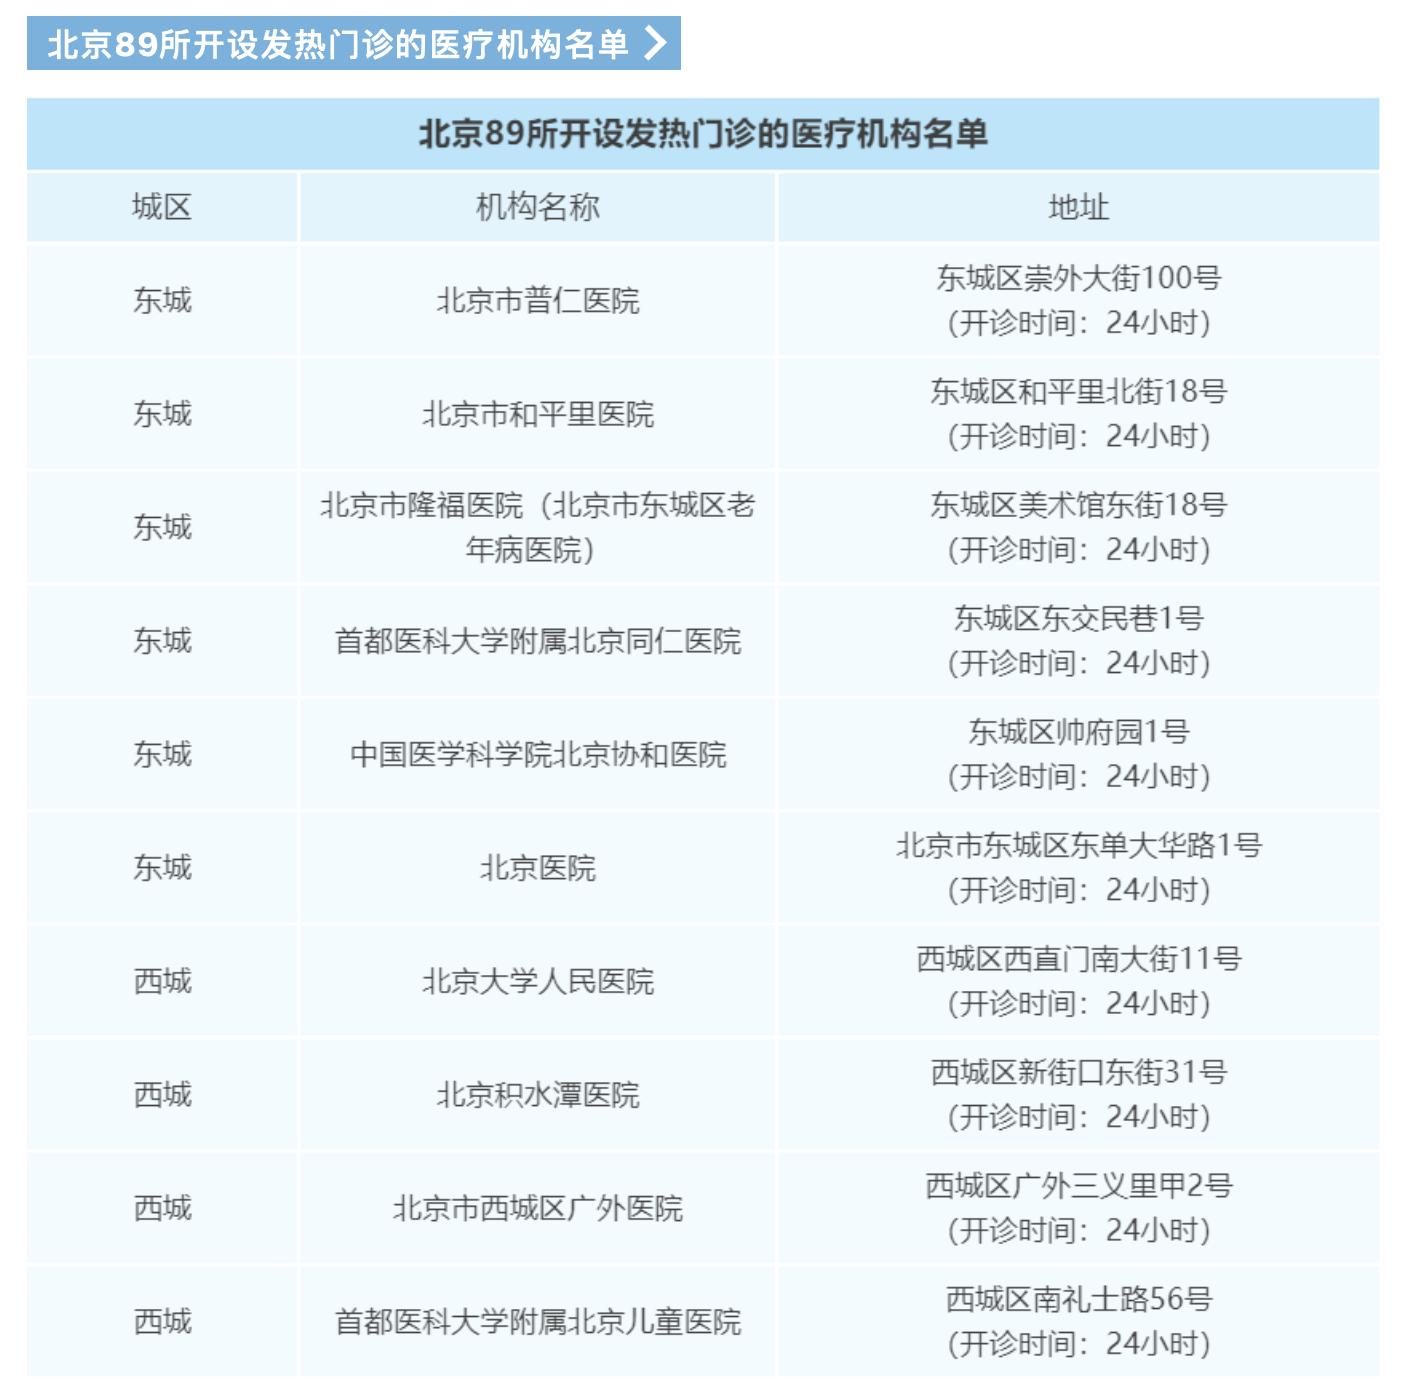 北京84家医疗机构开设24小时发热门诊,这份指南快收好!